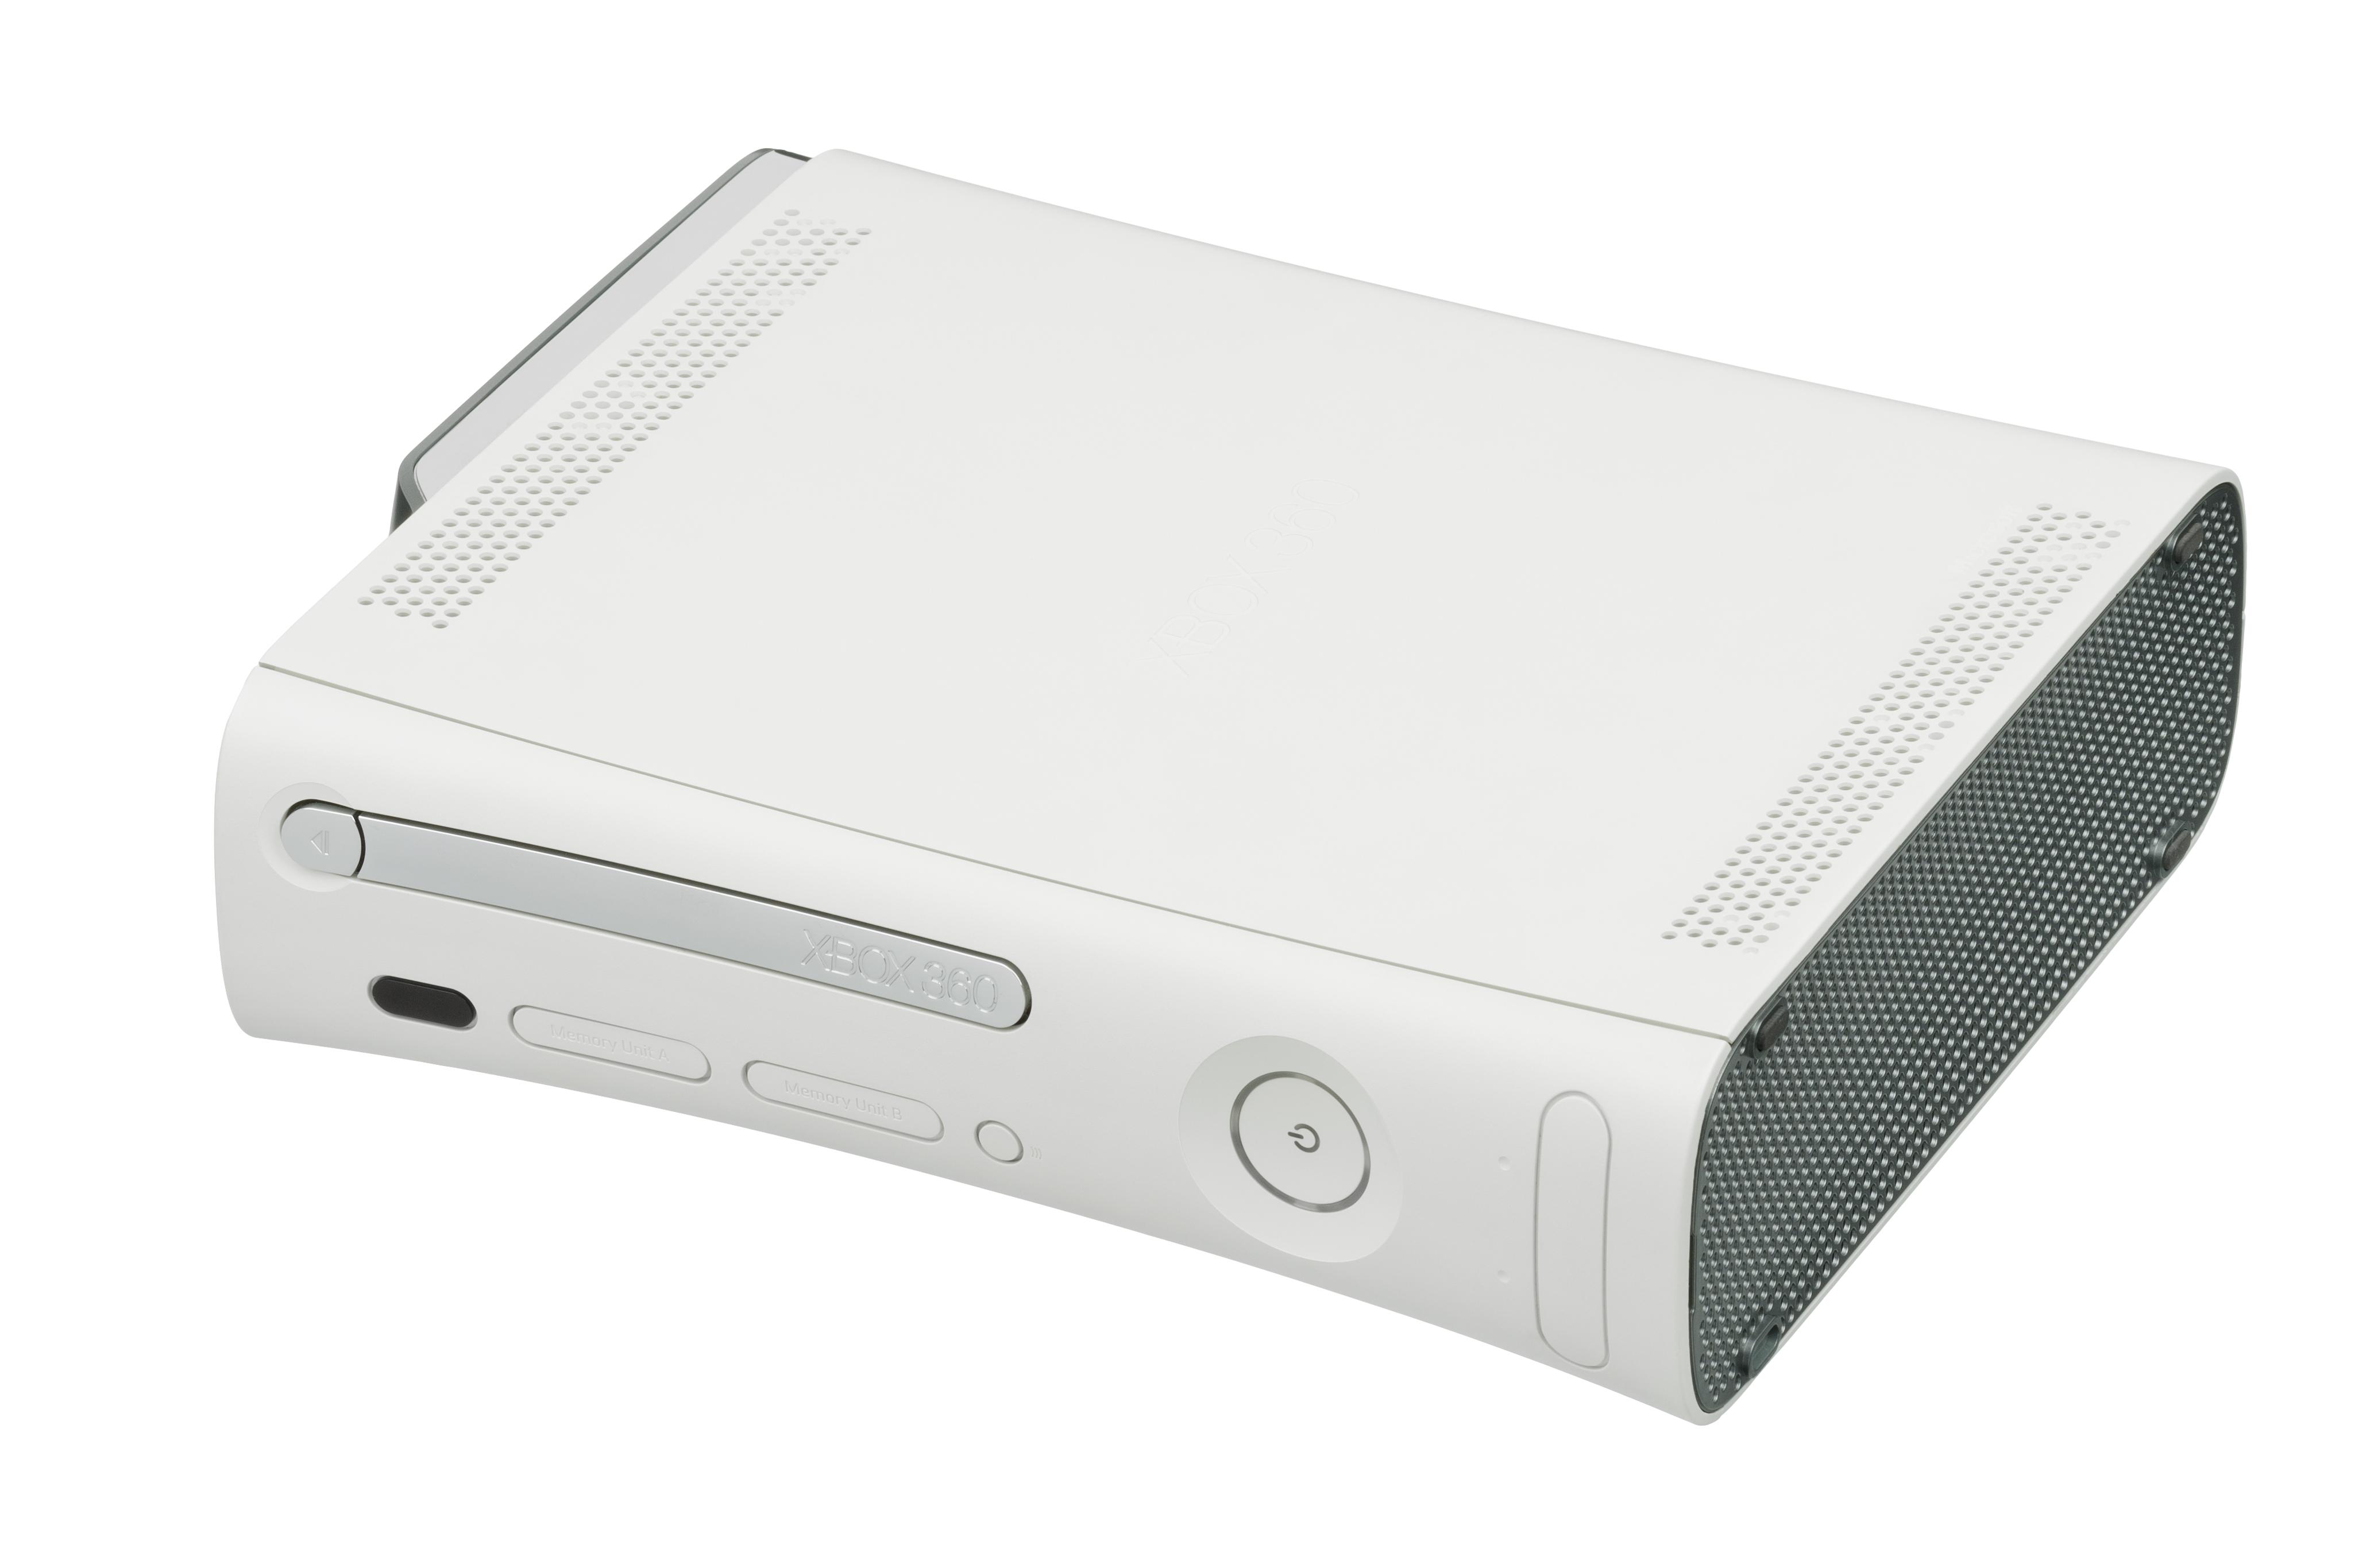 Takto vyzerala pôvodná konzola Xbox 360.